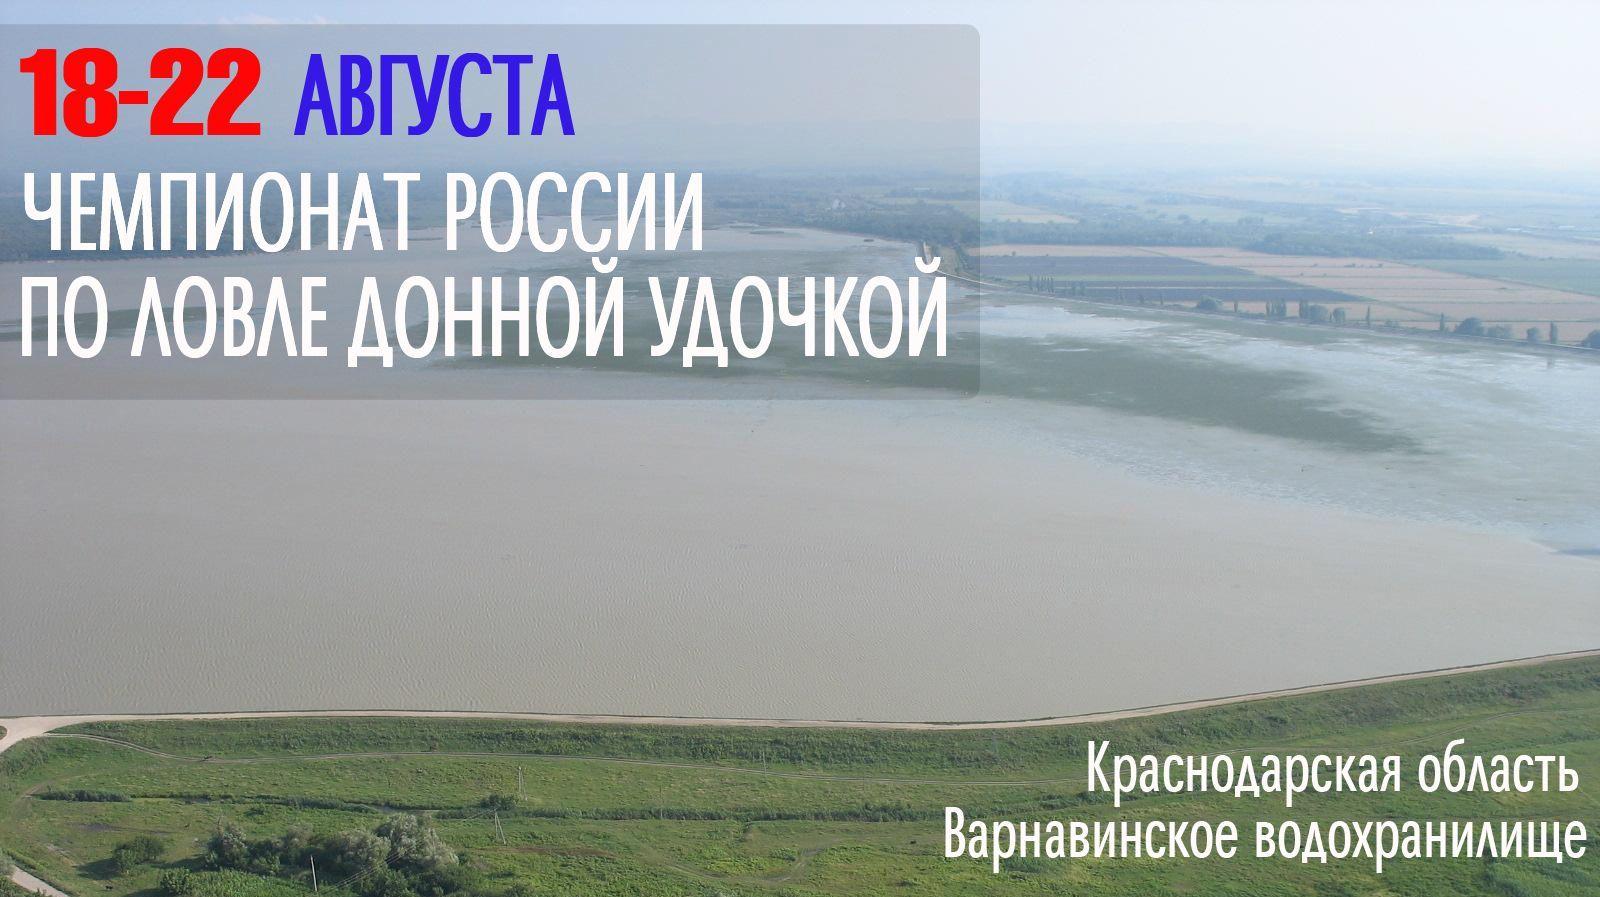 Чемпионат России по ловле донной удочкой 18-22 августа